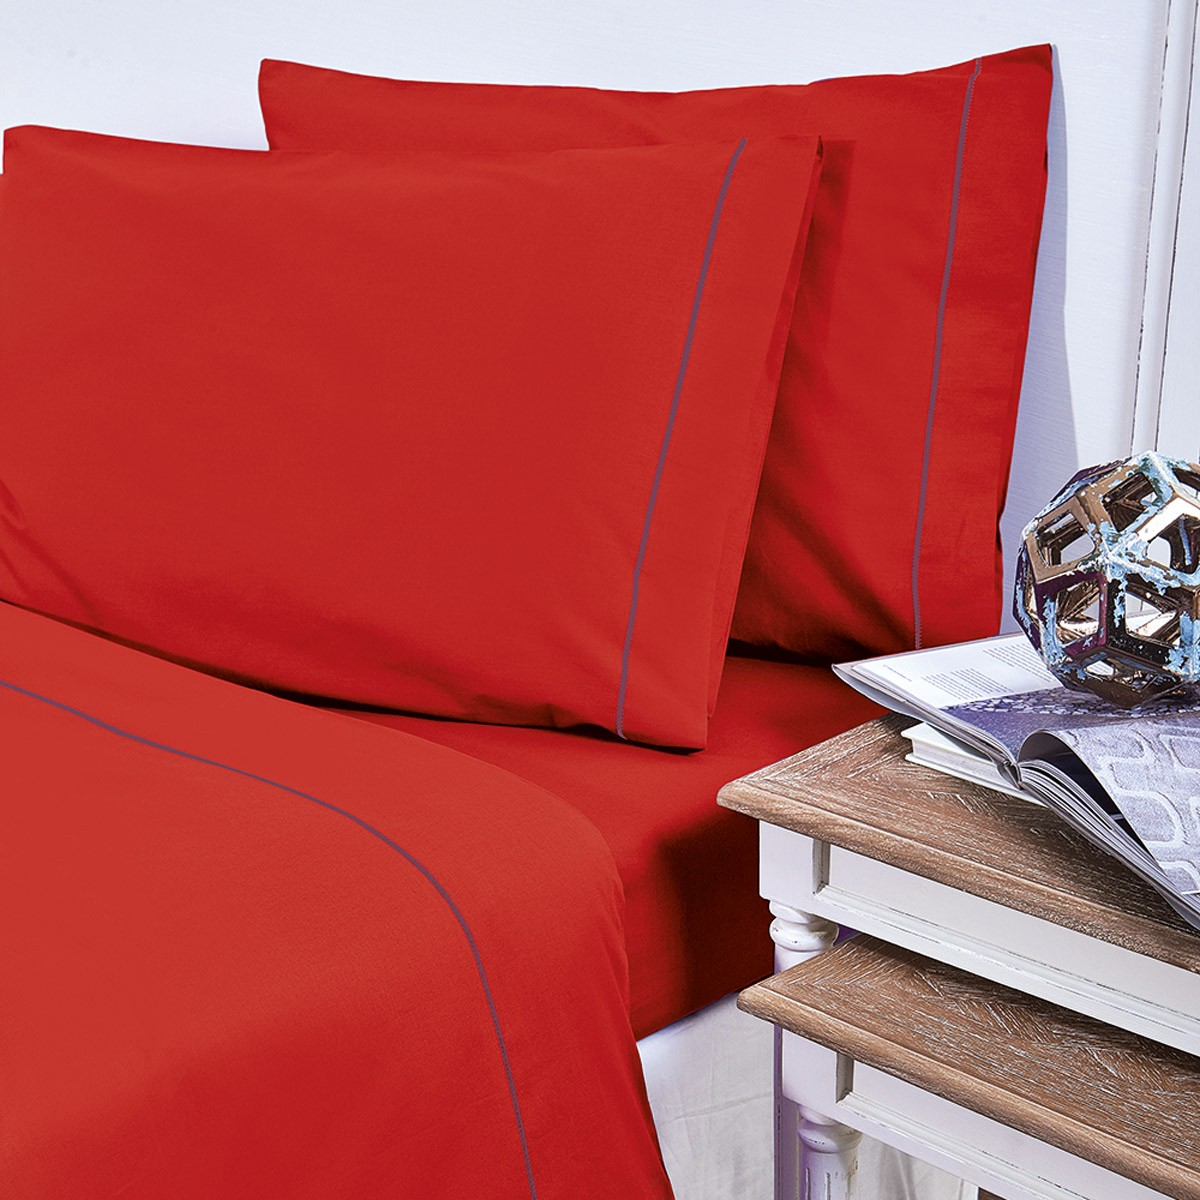 Σεντόνια Υπέρδιπλα (Σετ) V19.69 Arcobaleno Bello Red